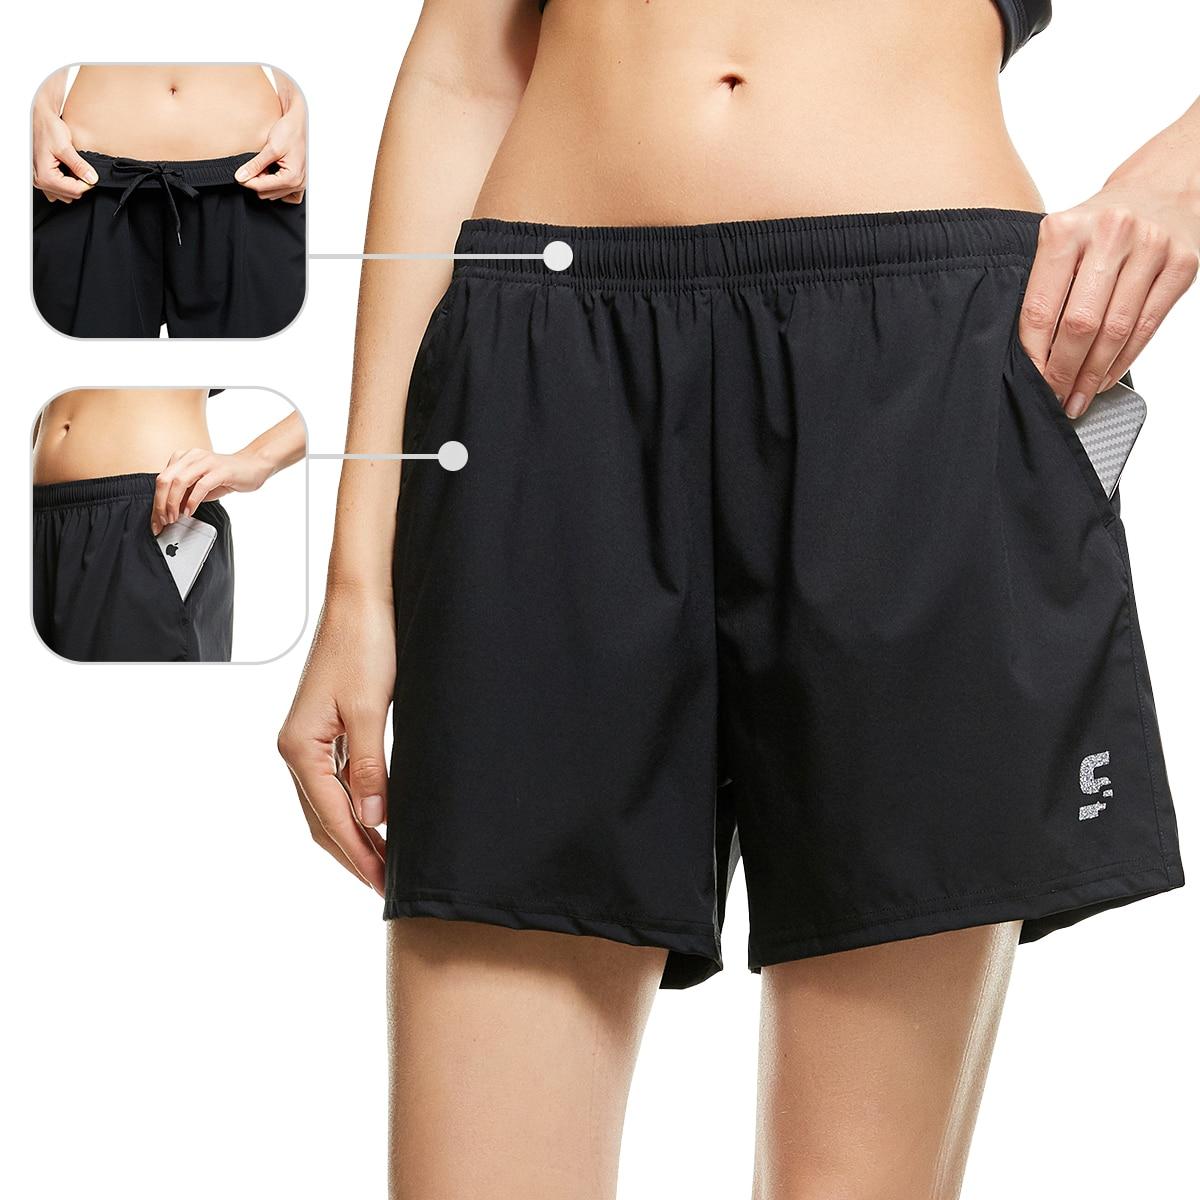 Женские шорты 2 в 1 для йоги, фитнеса, бега, велосипедных тренировок, шорты для спортзала, быстросохнущие спортивные брюки из спандекса с карм...